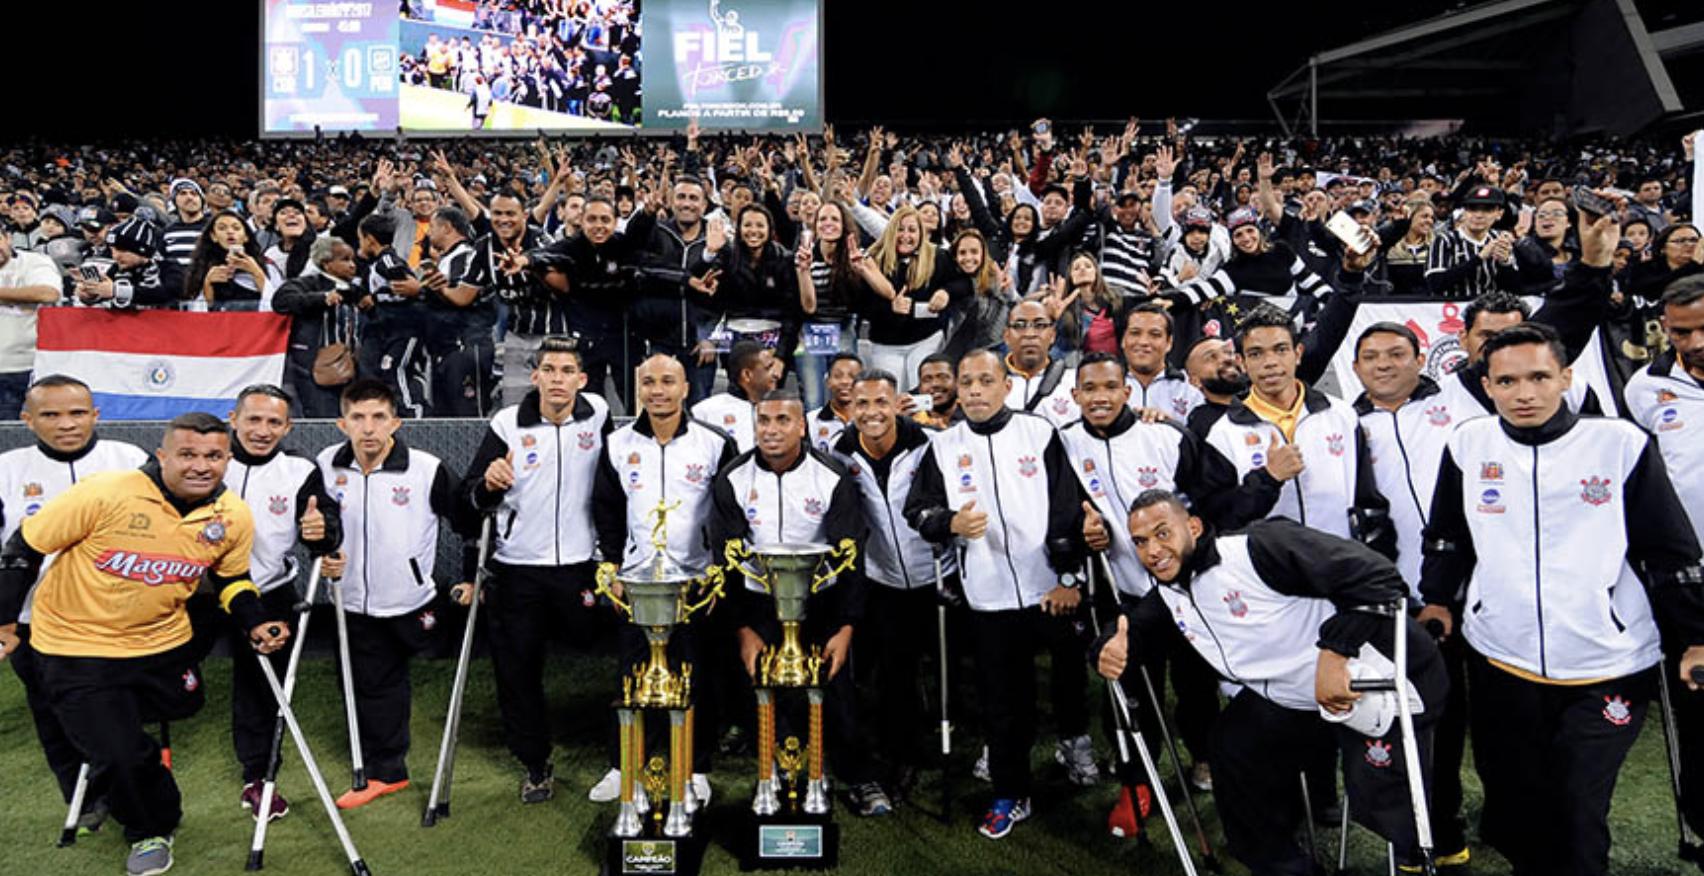 Apresentação na Arena Corinthians